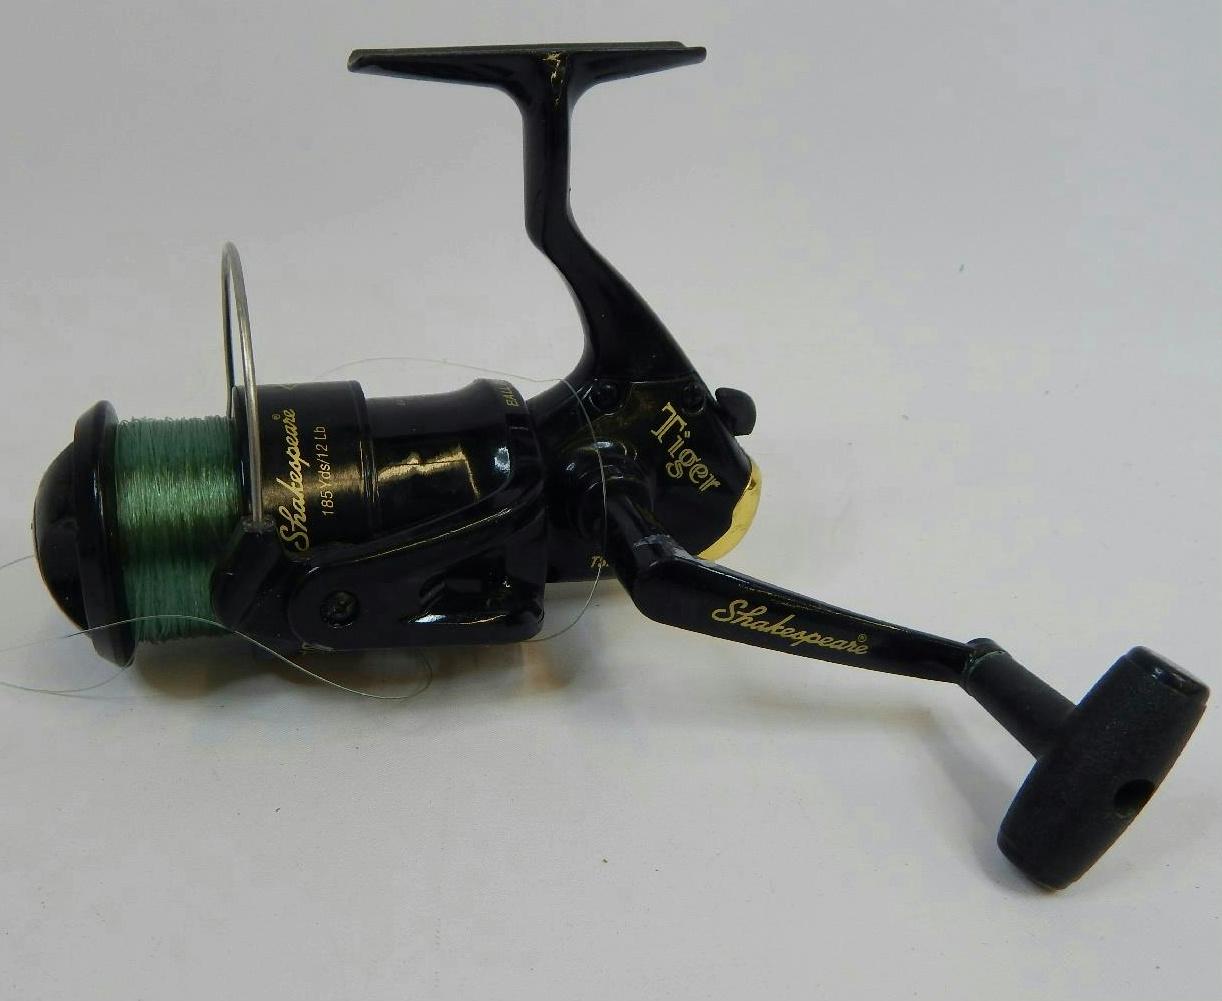 Tiger shakespeare ball bearing fishing reel 185yds 12lb ebay for Shakespeare tiger fishing reel